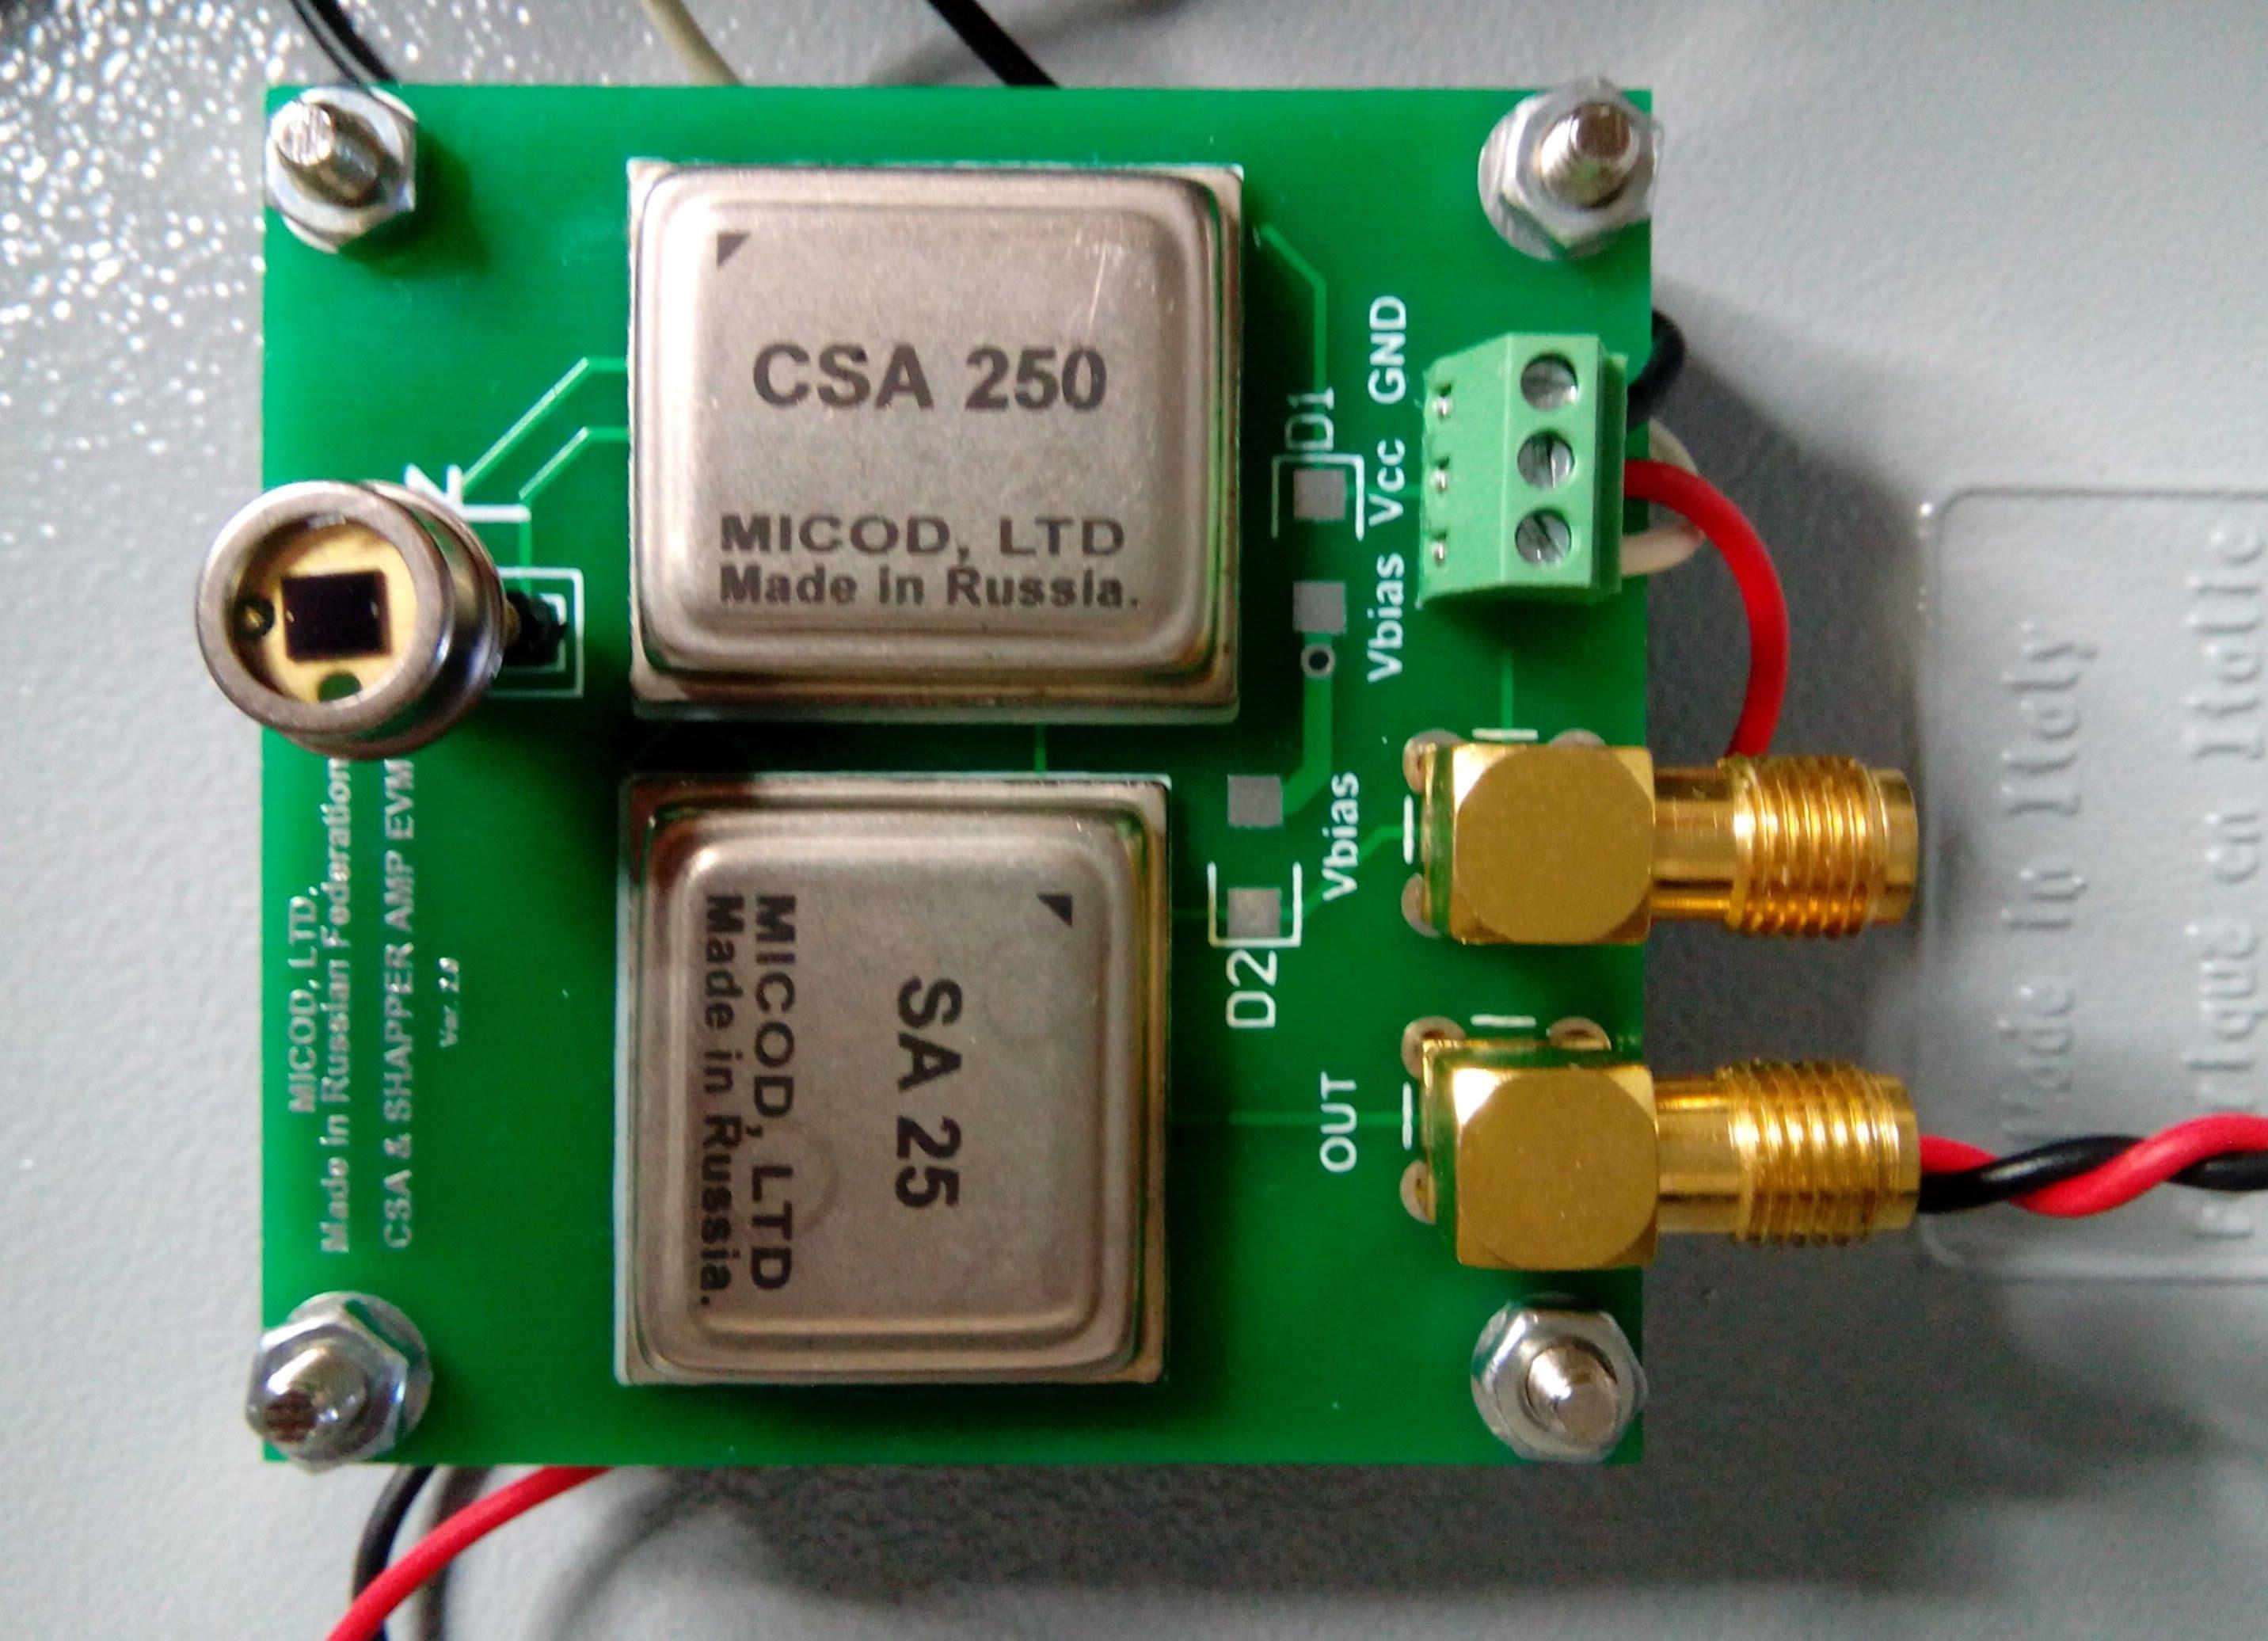 Si Pin Photodiode Plus With Csa Sa Physicsopenlab